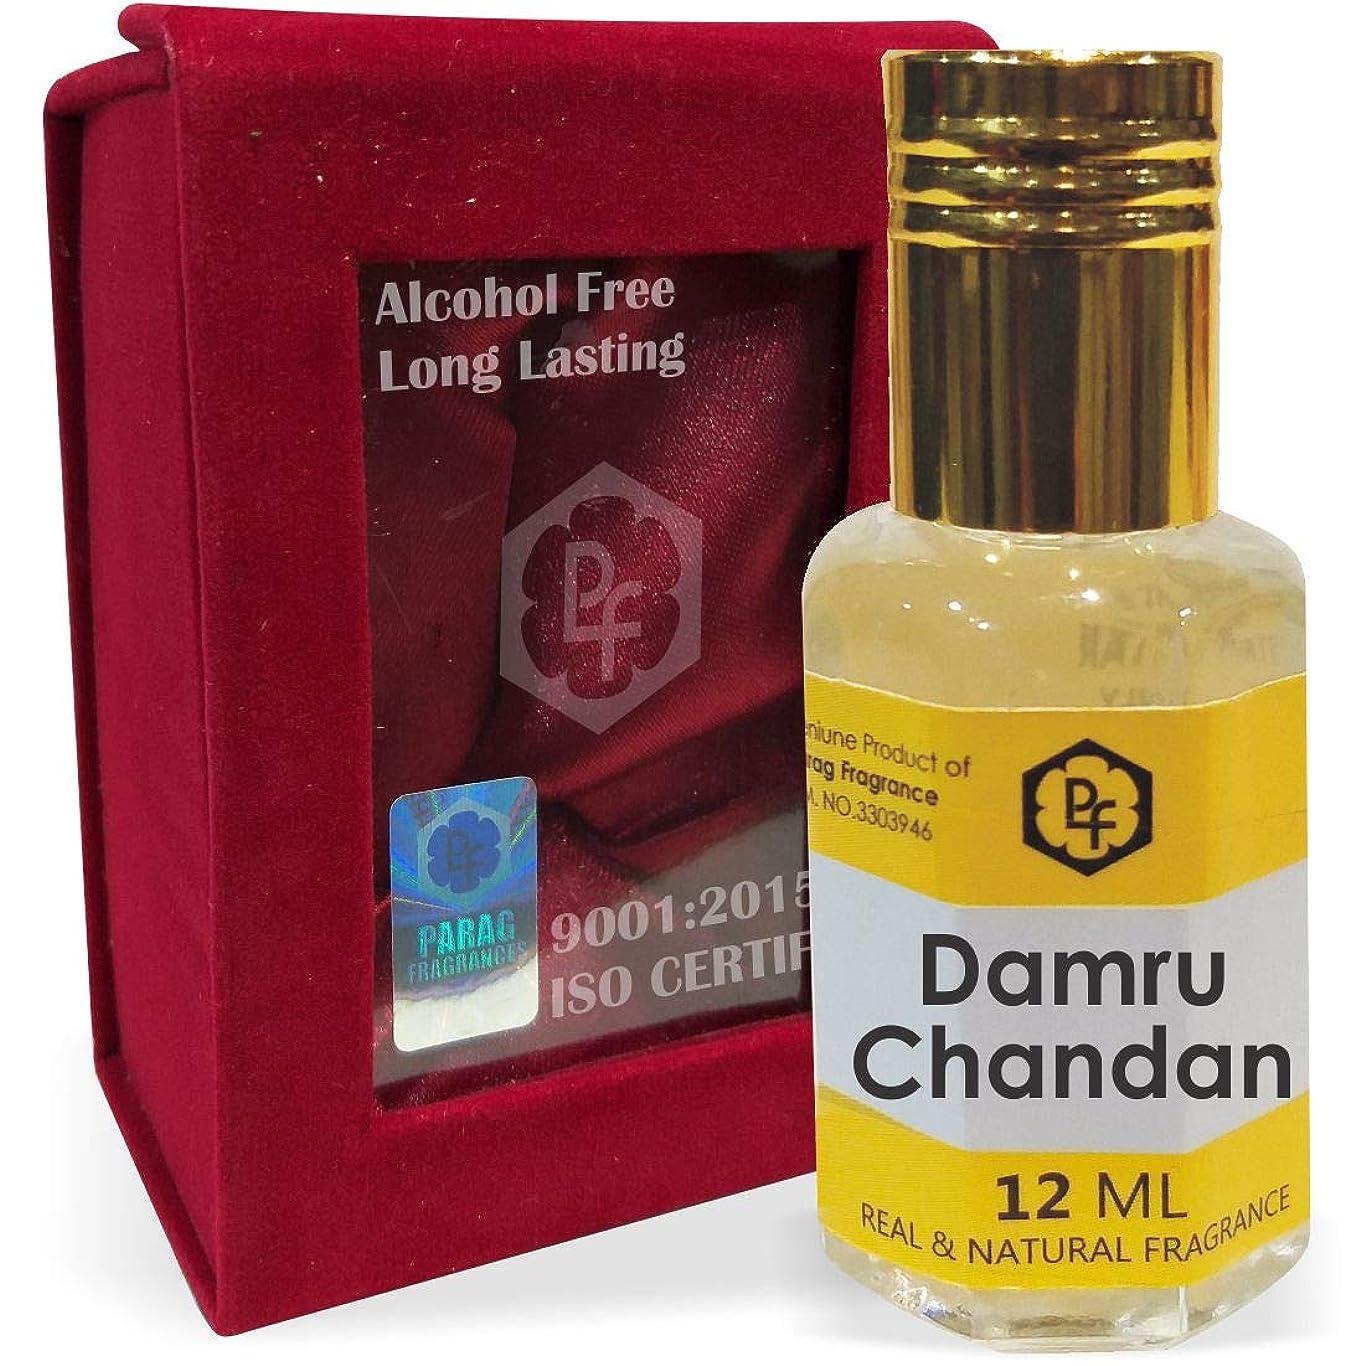 ぬれたブラジャースチュワーデスParagフレグランスDamru手作りベルベットボックスチャンダン12ミリリットルアター/香水(インドの伝統的なBhapka処理方法により、インド製)オイル/フレグランスオイル 長持ちアターITRA最高の品質